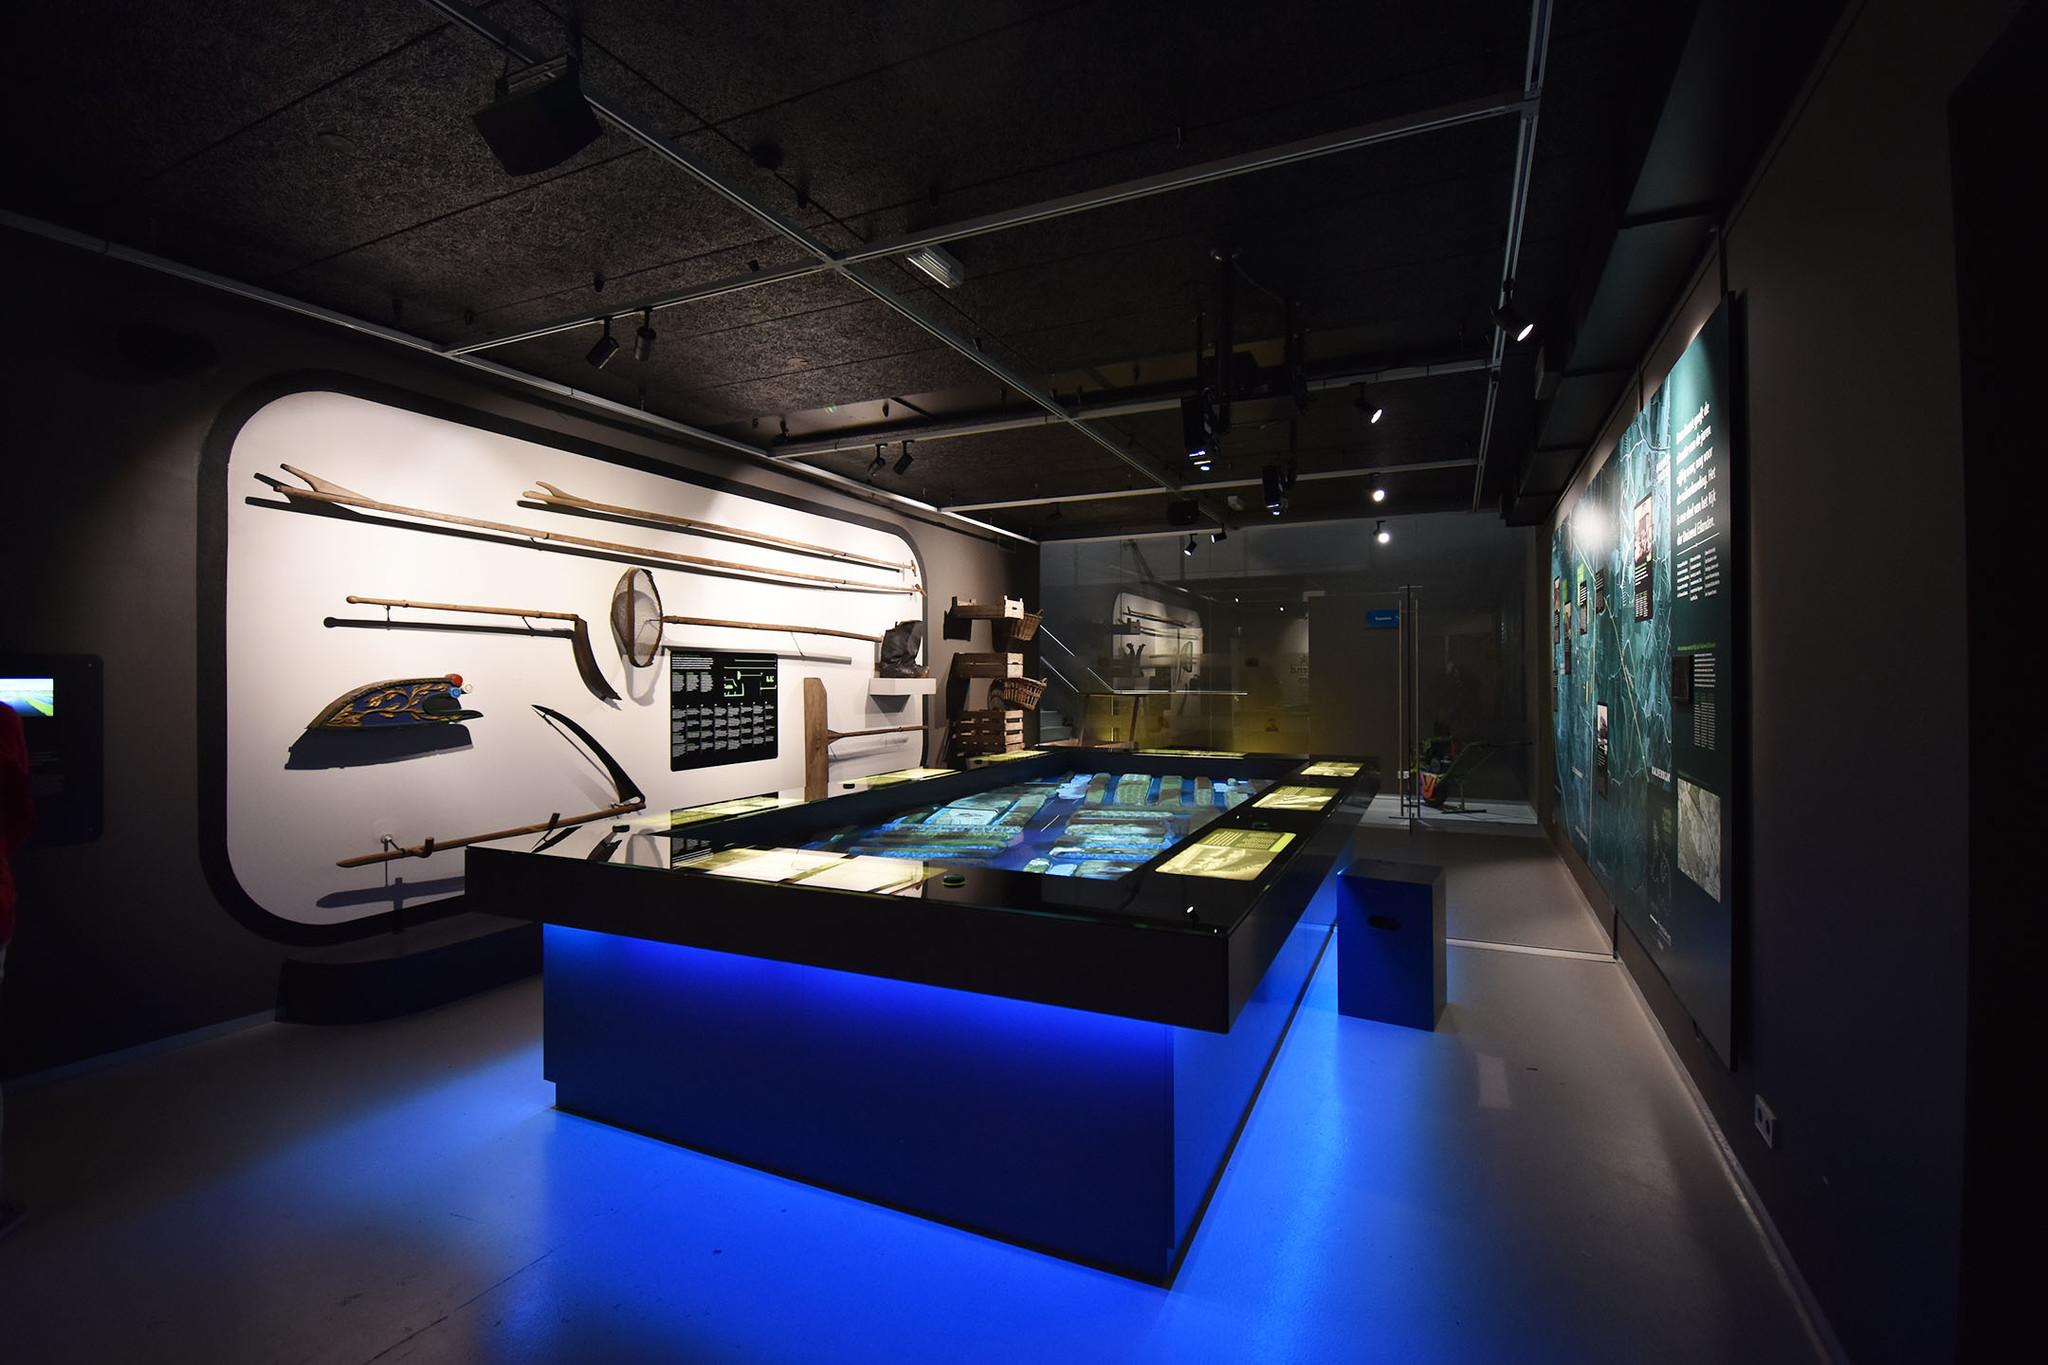 De verlichting in een museum